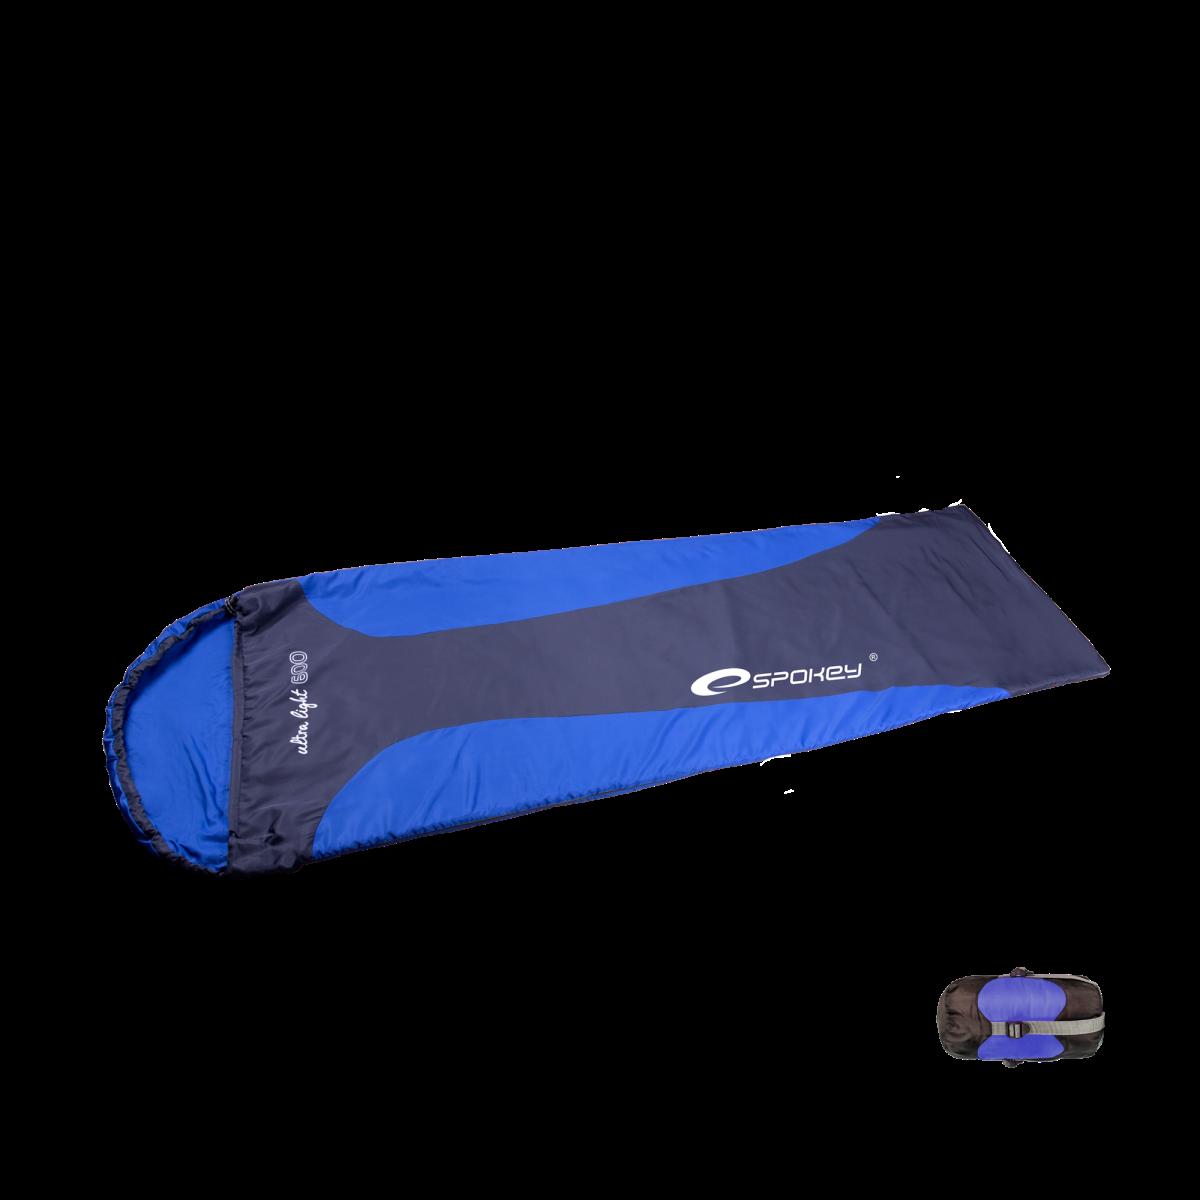 ULTRALIGHT 600 Spací pytel mumie modrý 0144ba78ce